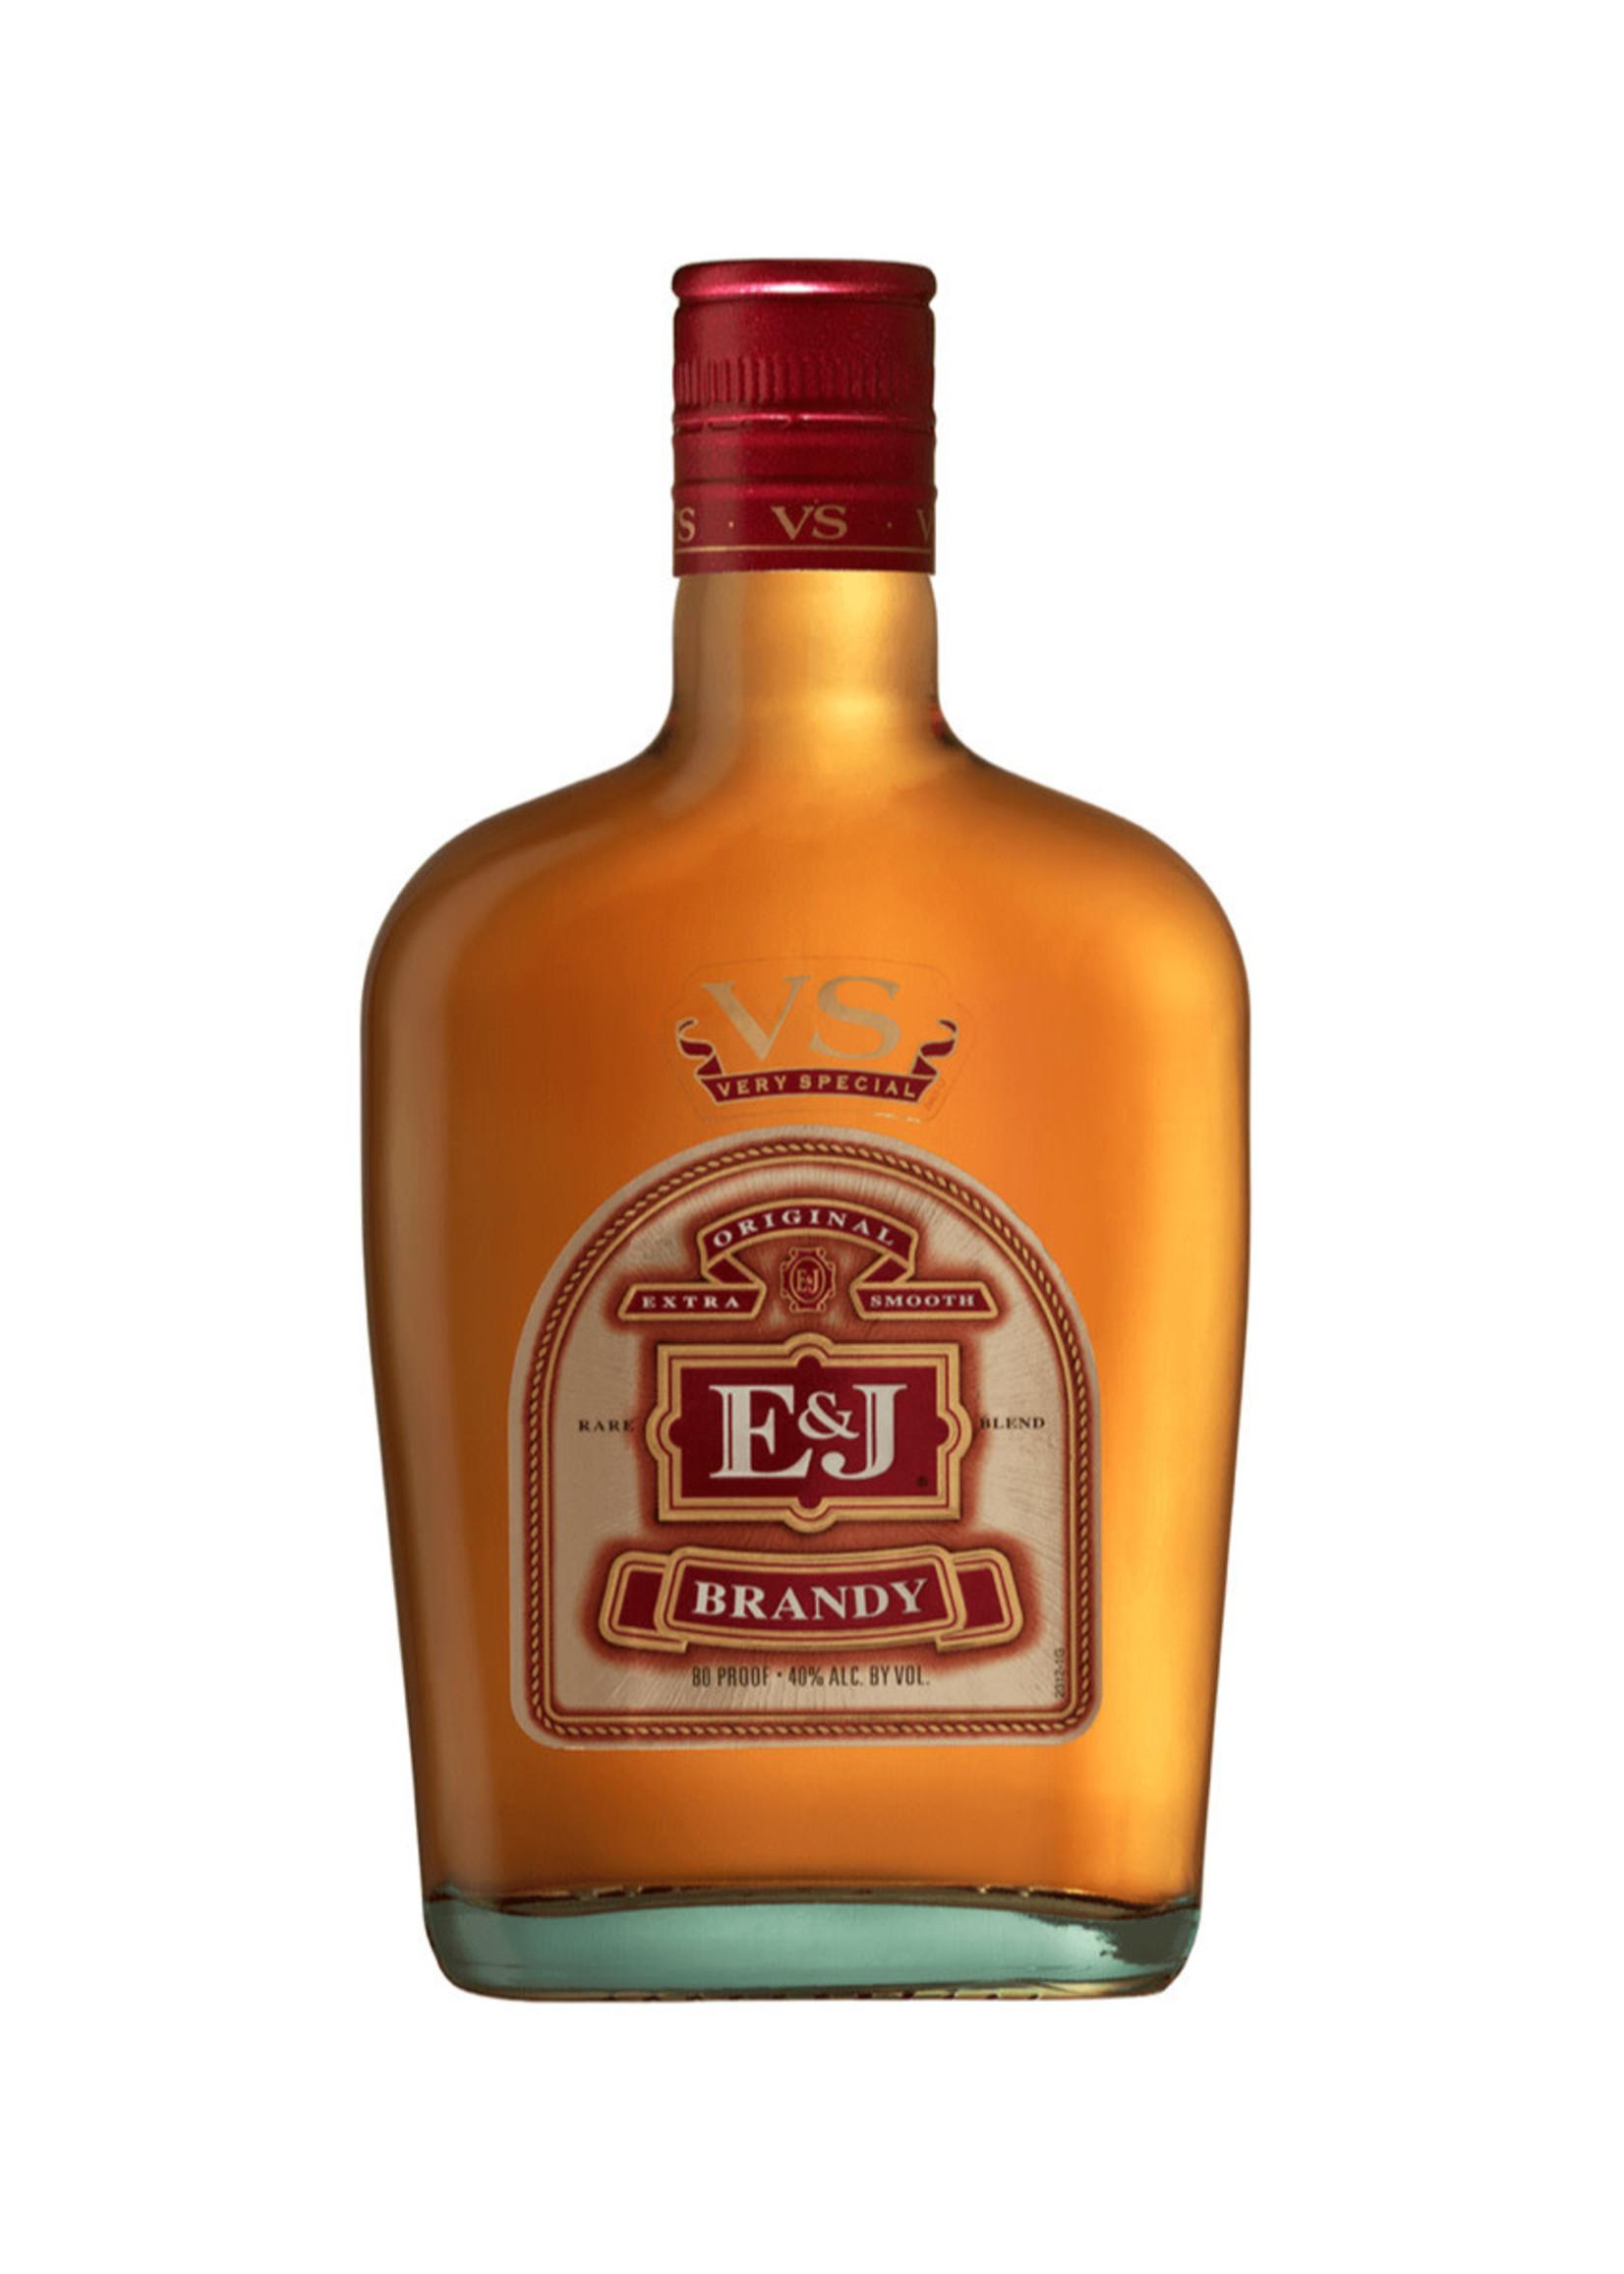 E & J VS Brandy 375mL